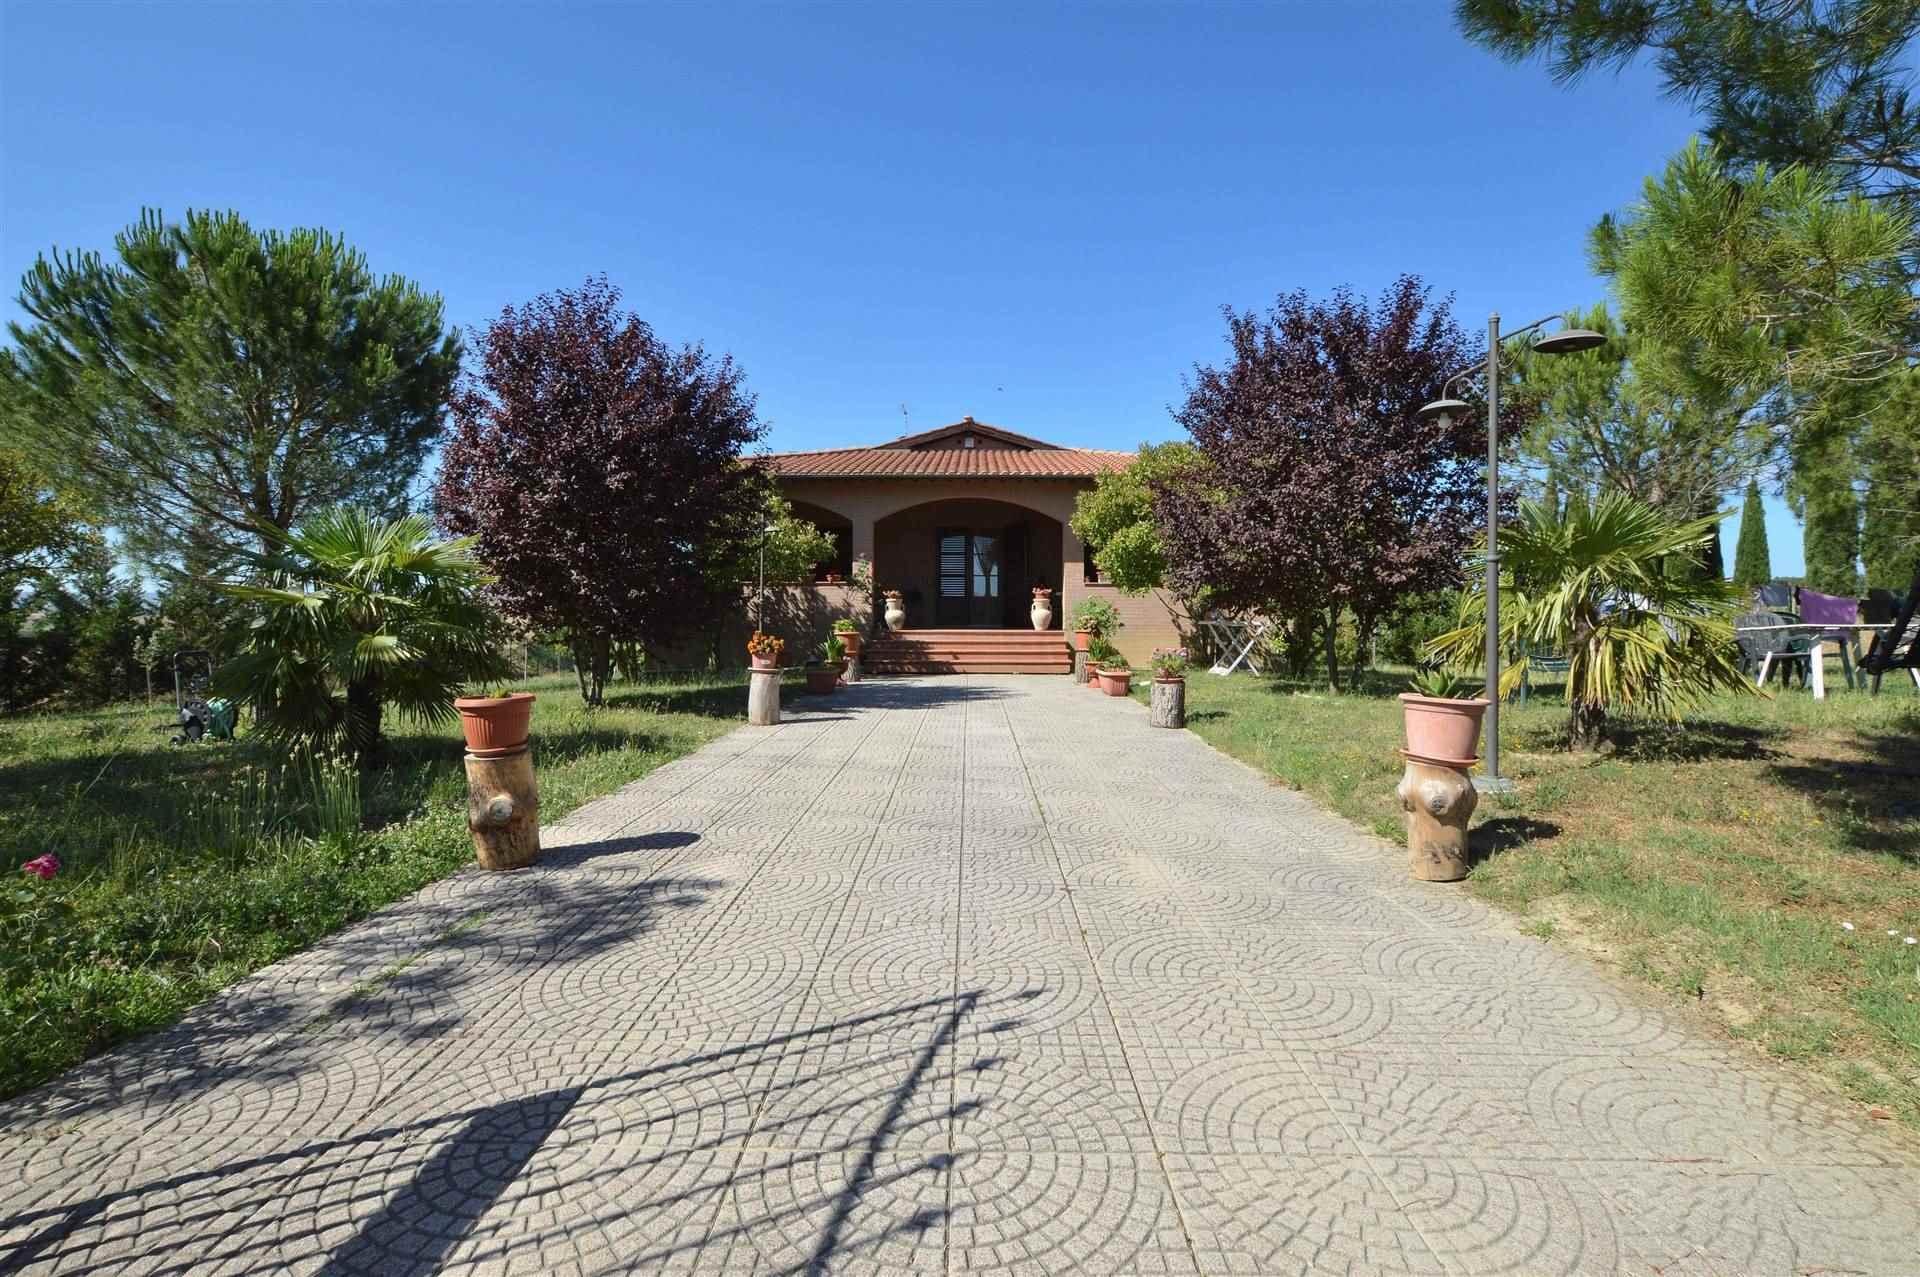 In posizione panoramica con vista su Siena proponiamo ampia villa completamente indipendente circondata da bellissimo parco esclusivo e due ettari di